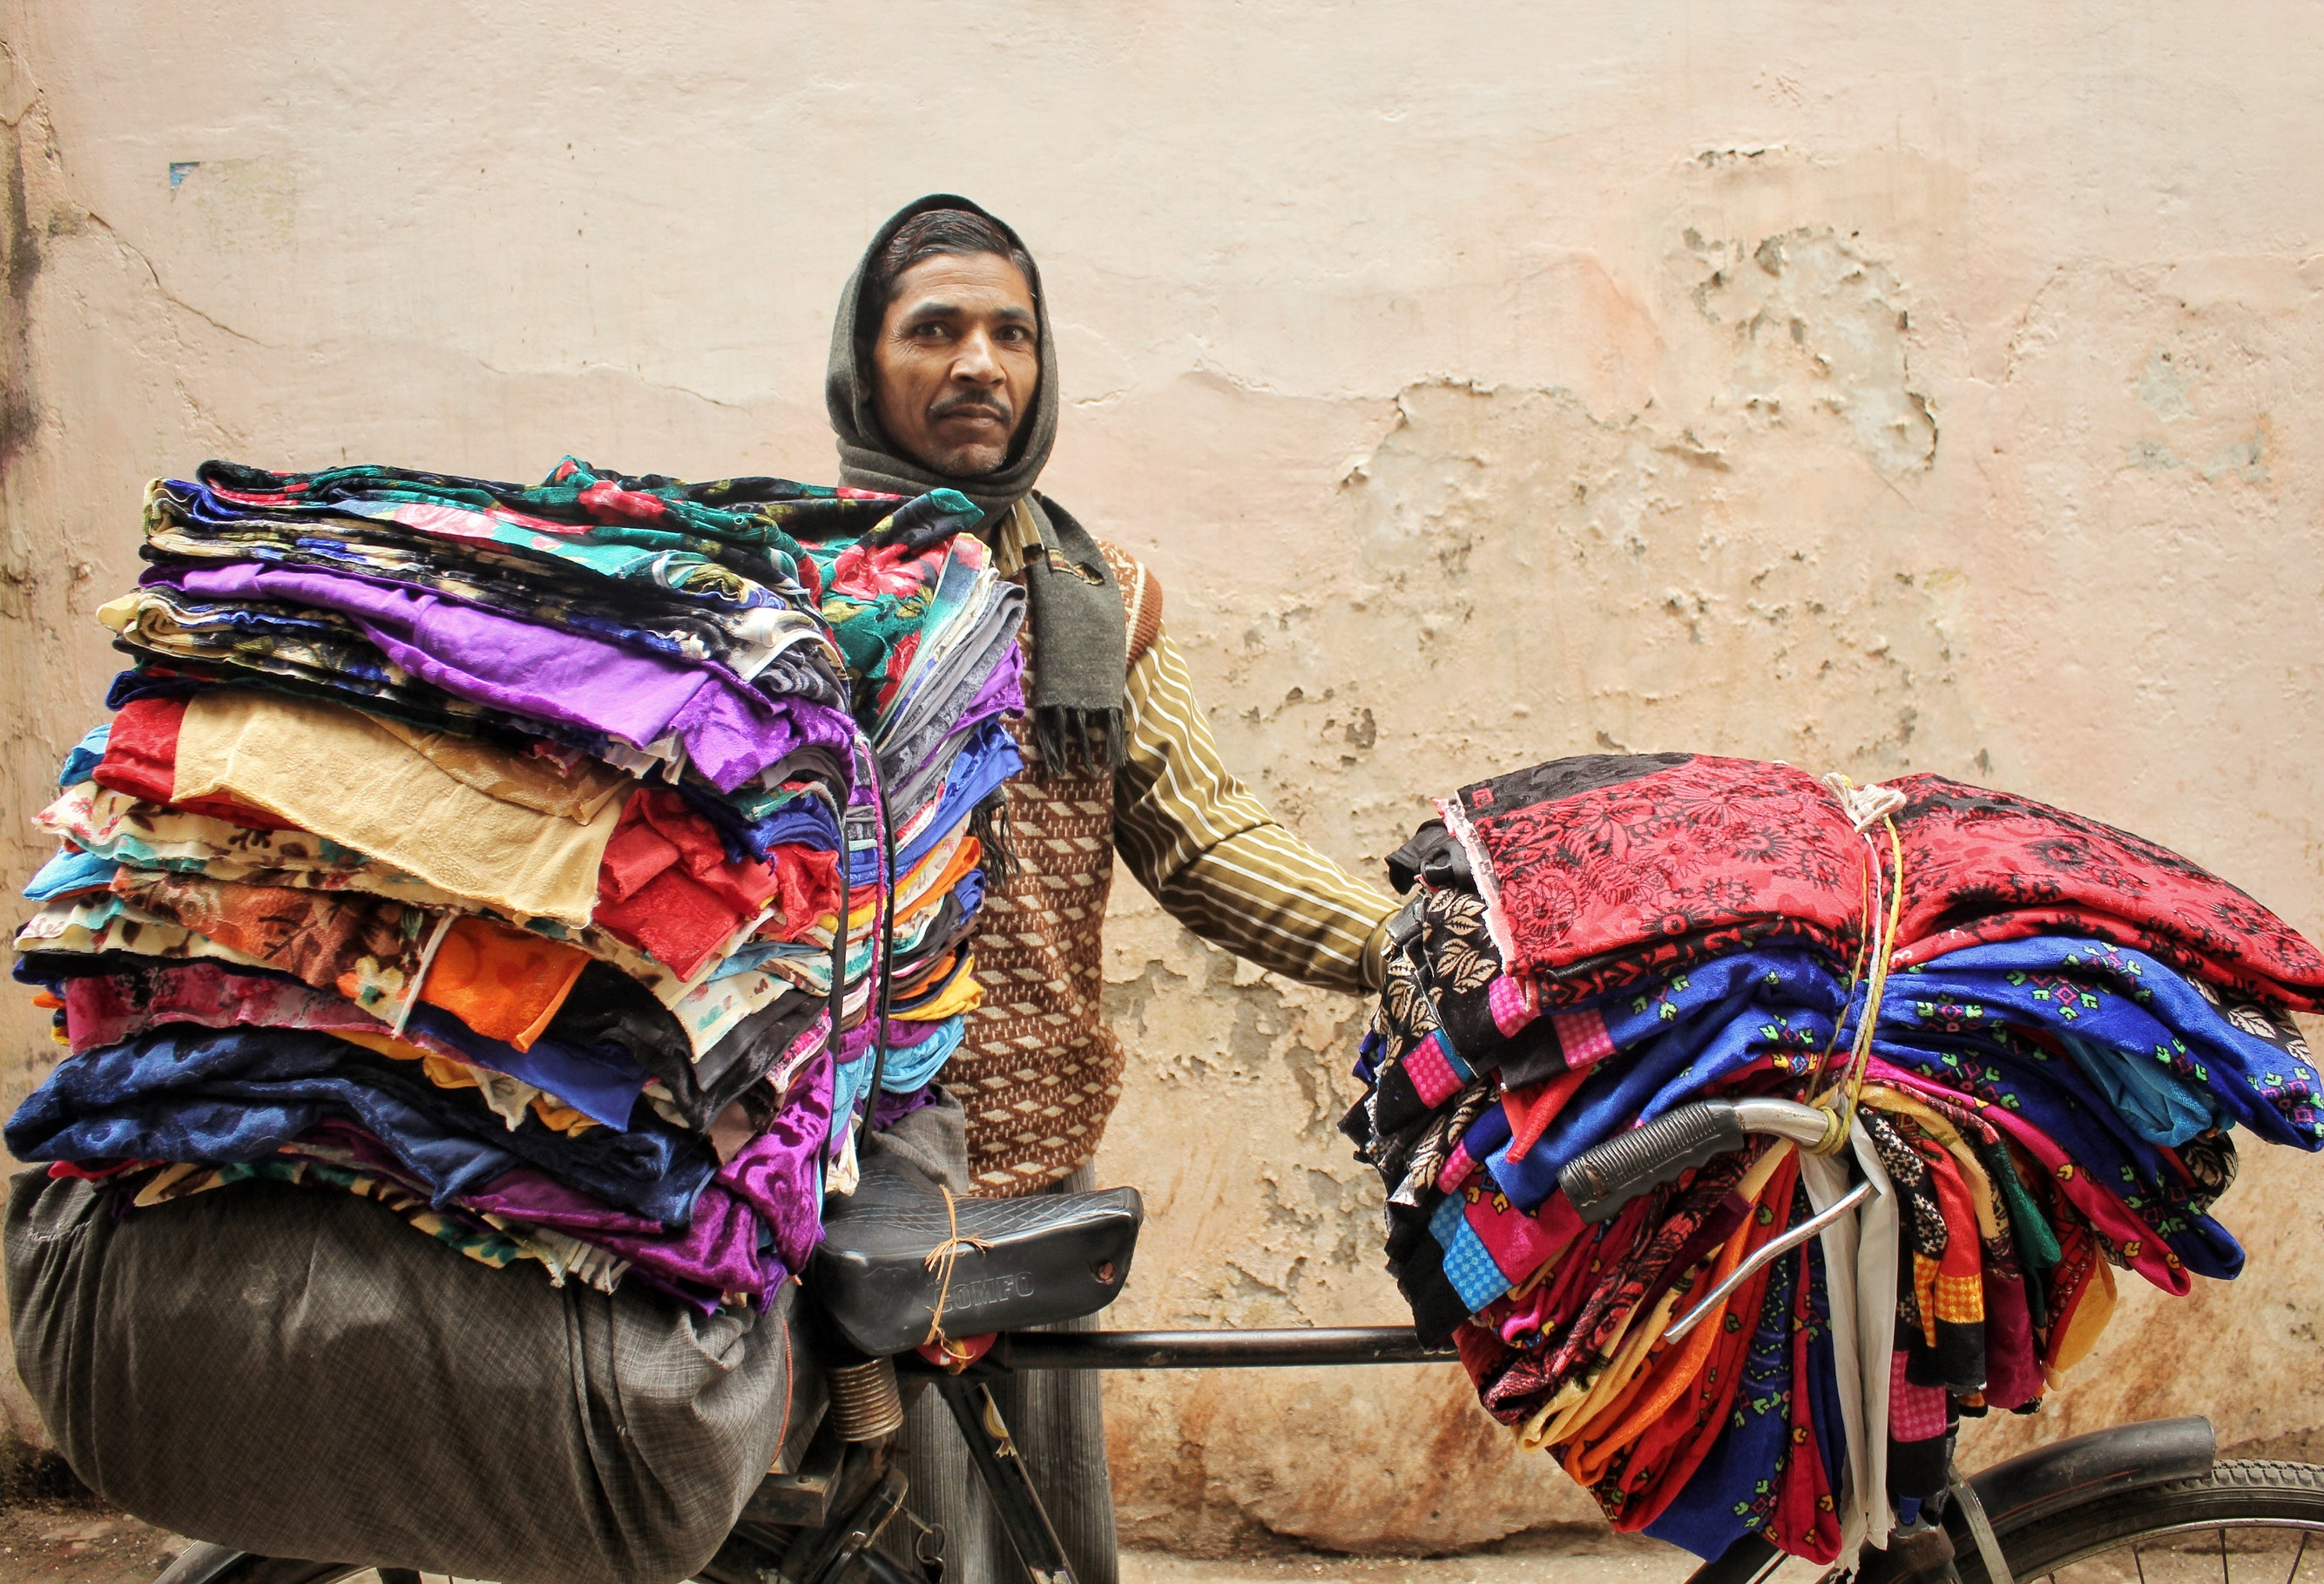 Ein Stoffhändler auf dem Weg zur Arbeit in Varanasi, Indien. Foto: Sujith Devanagari.